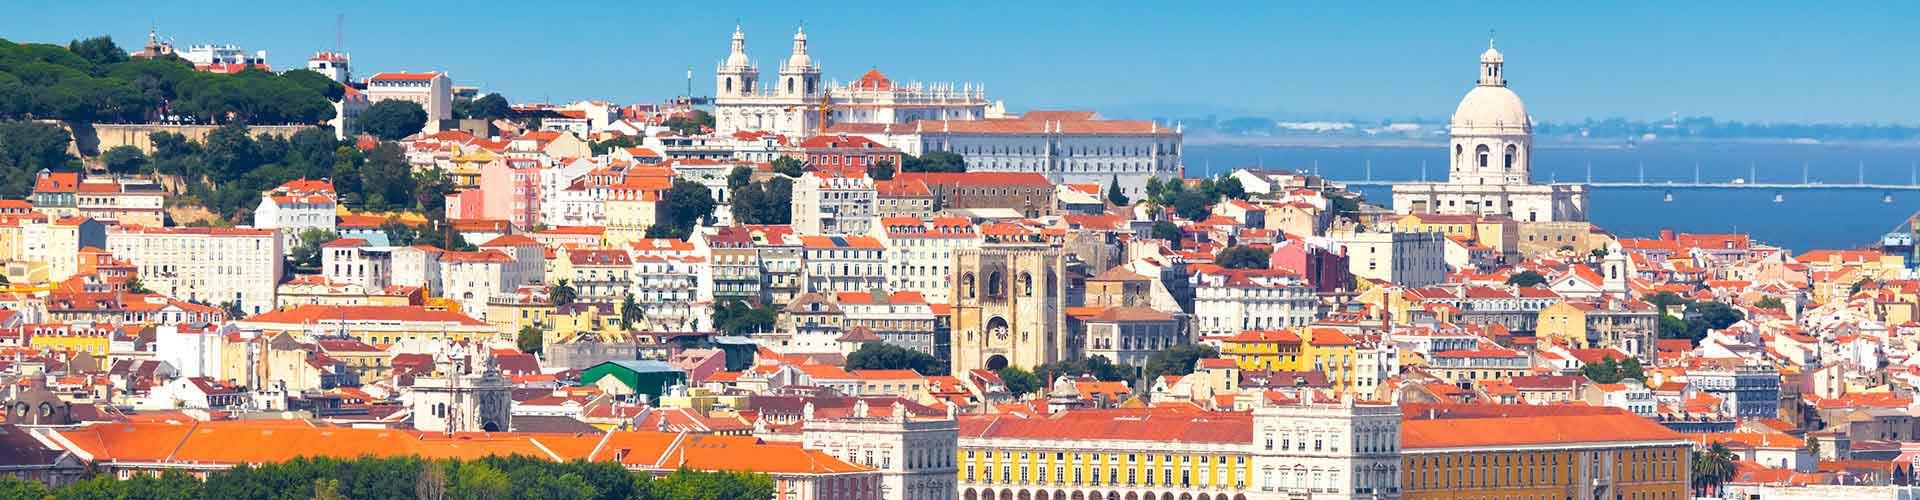 Lissabon – Hostellit kohteessa Lissabon. Lissabon -karttoja, valokuvia ja arvosteluja kaikista Lissabon -hostelleista.